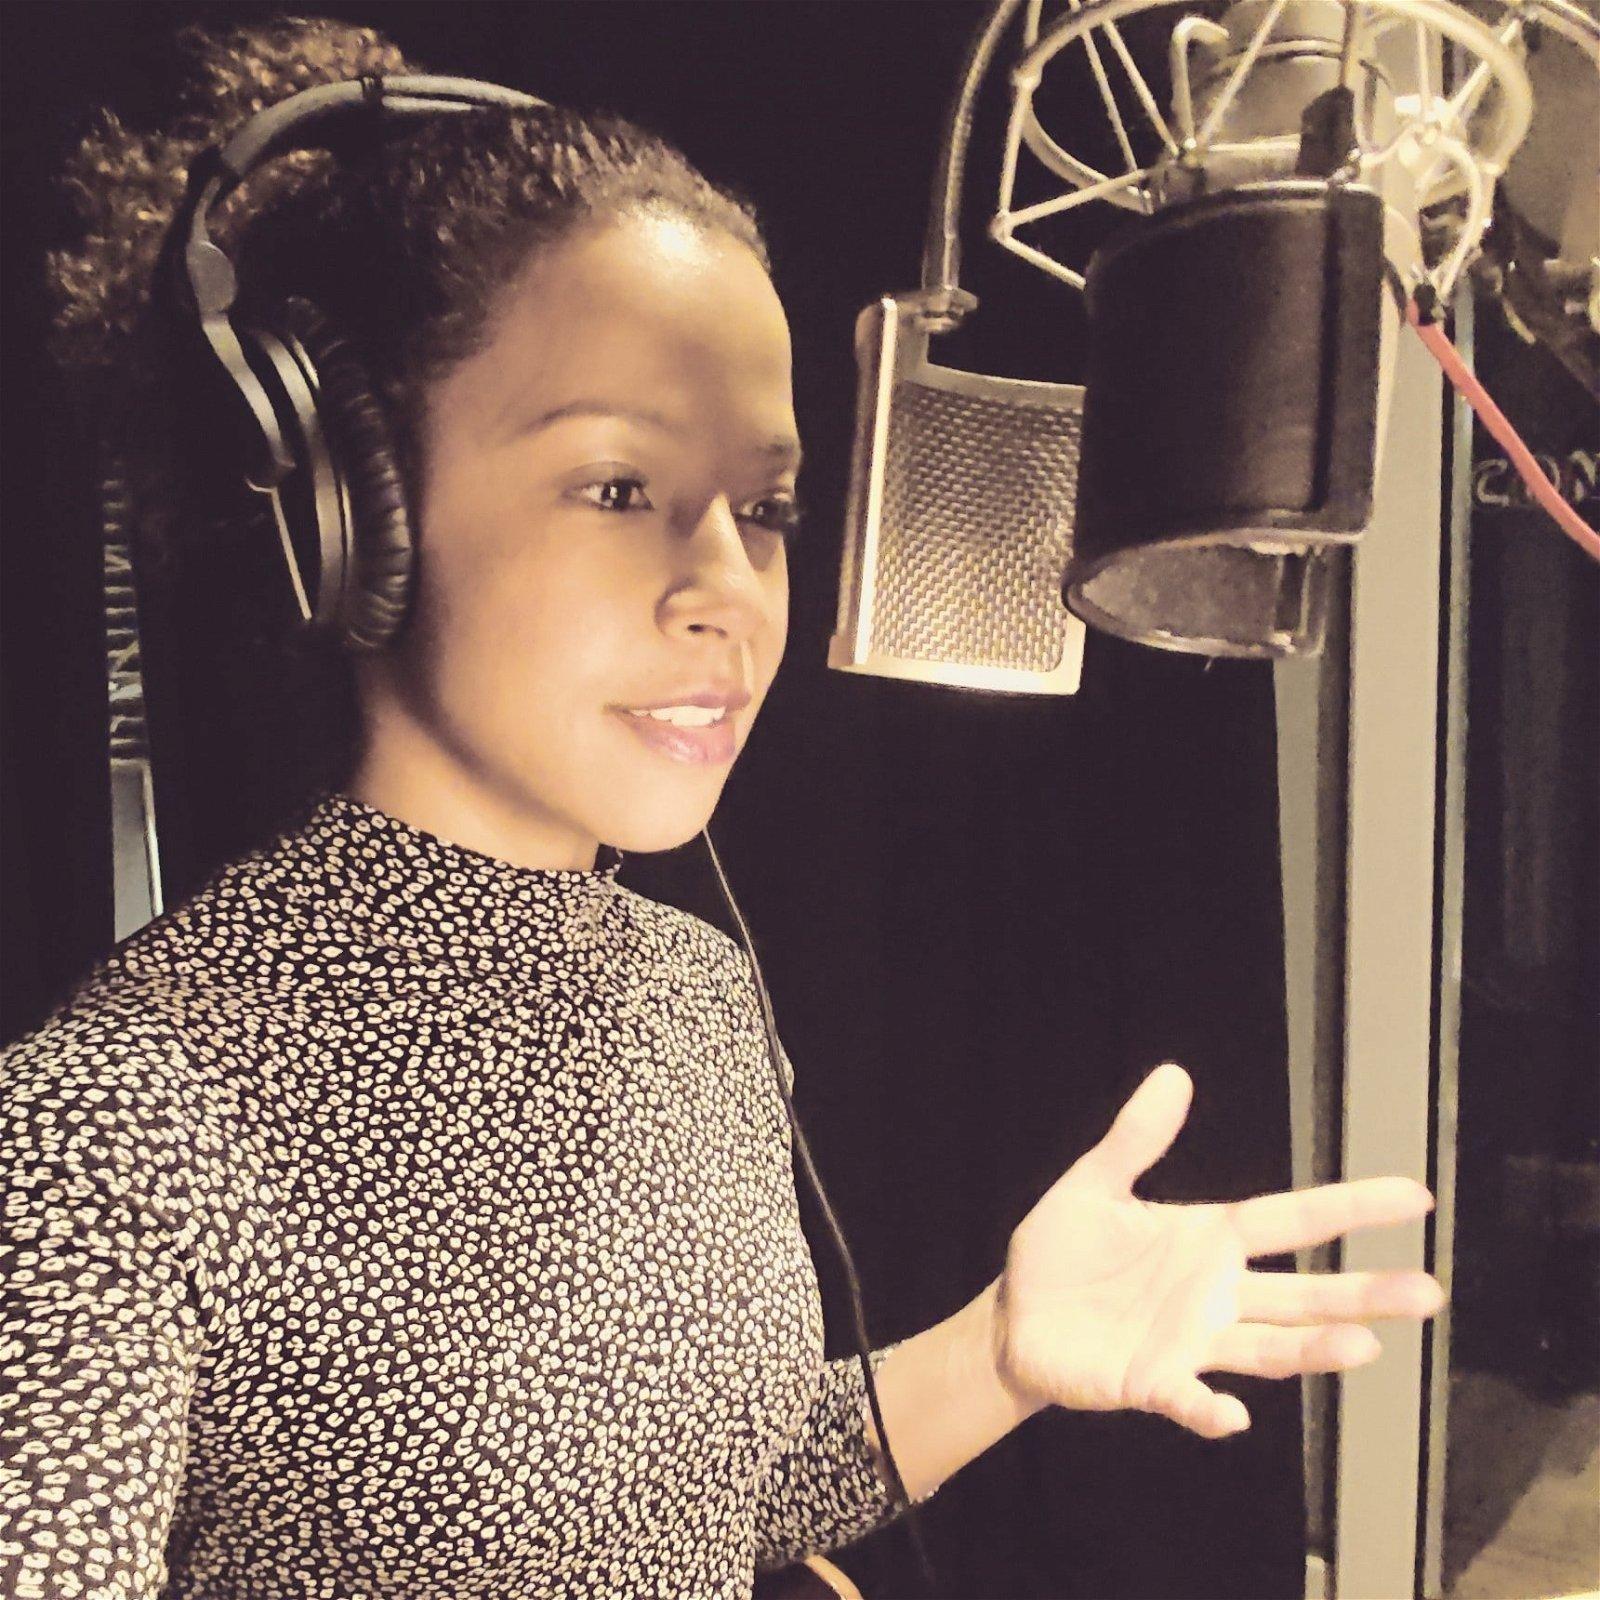 hire-donna-louise-british-midlands-northern-voiceover-artist